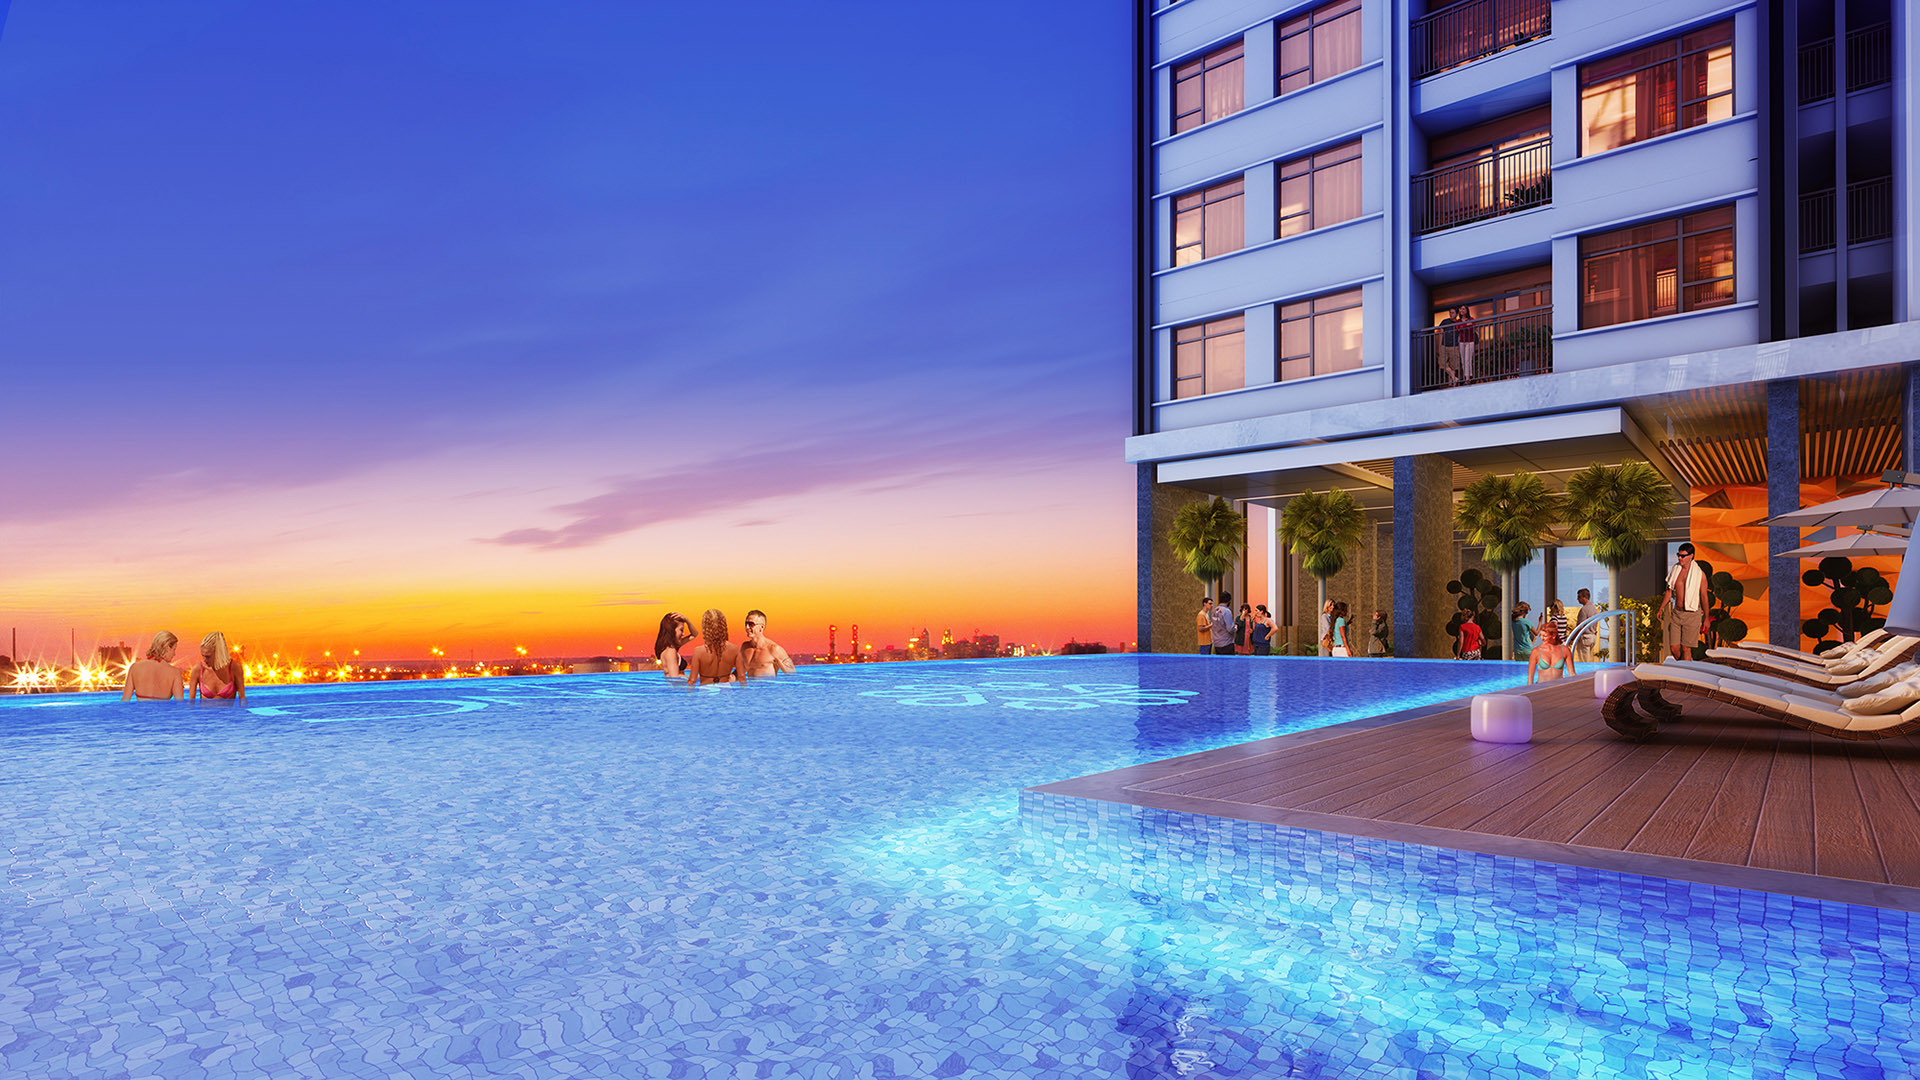 Hồ bơi nước ấm tràn bờ của căn hộ Phú Đông Premier giúp thư giãn tối đa giữa không gian trong lành xanh mát.